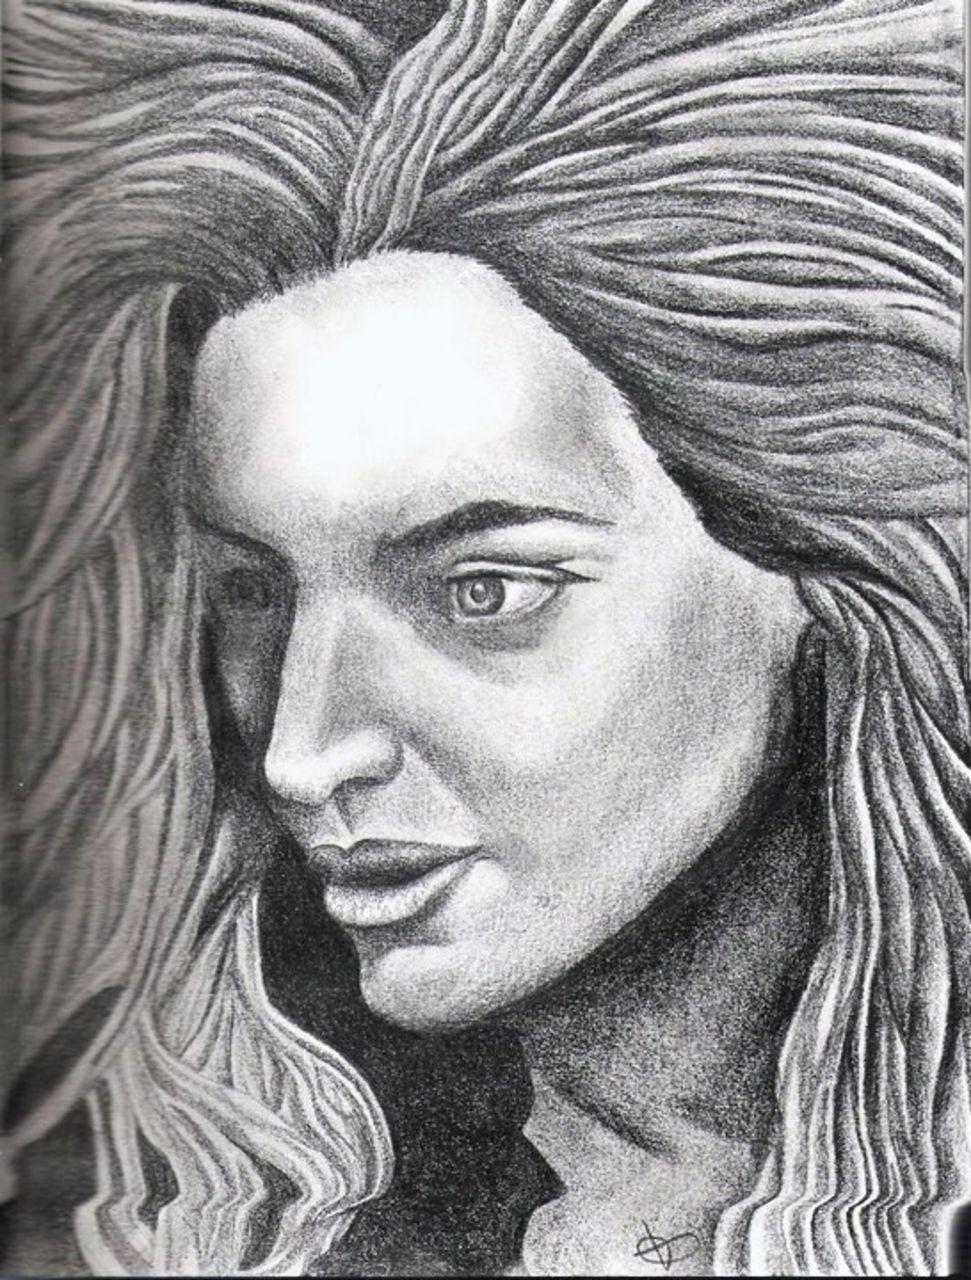 Crombois portrait 2